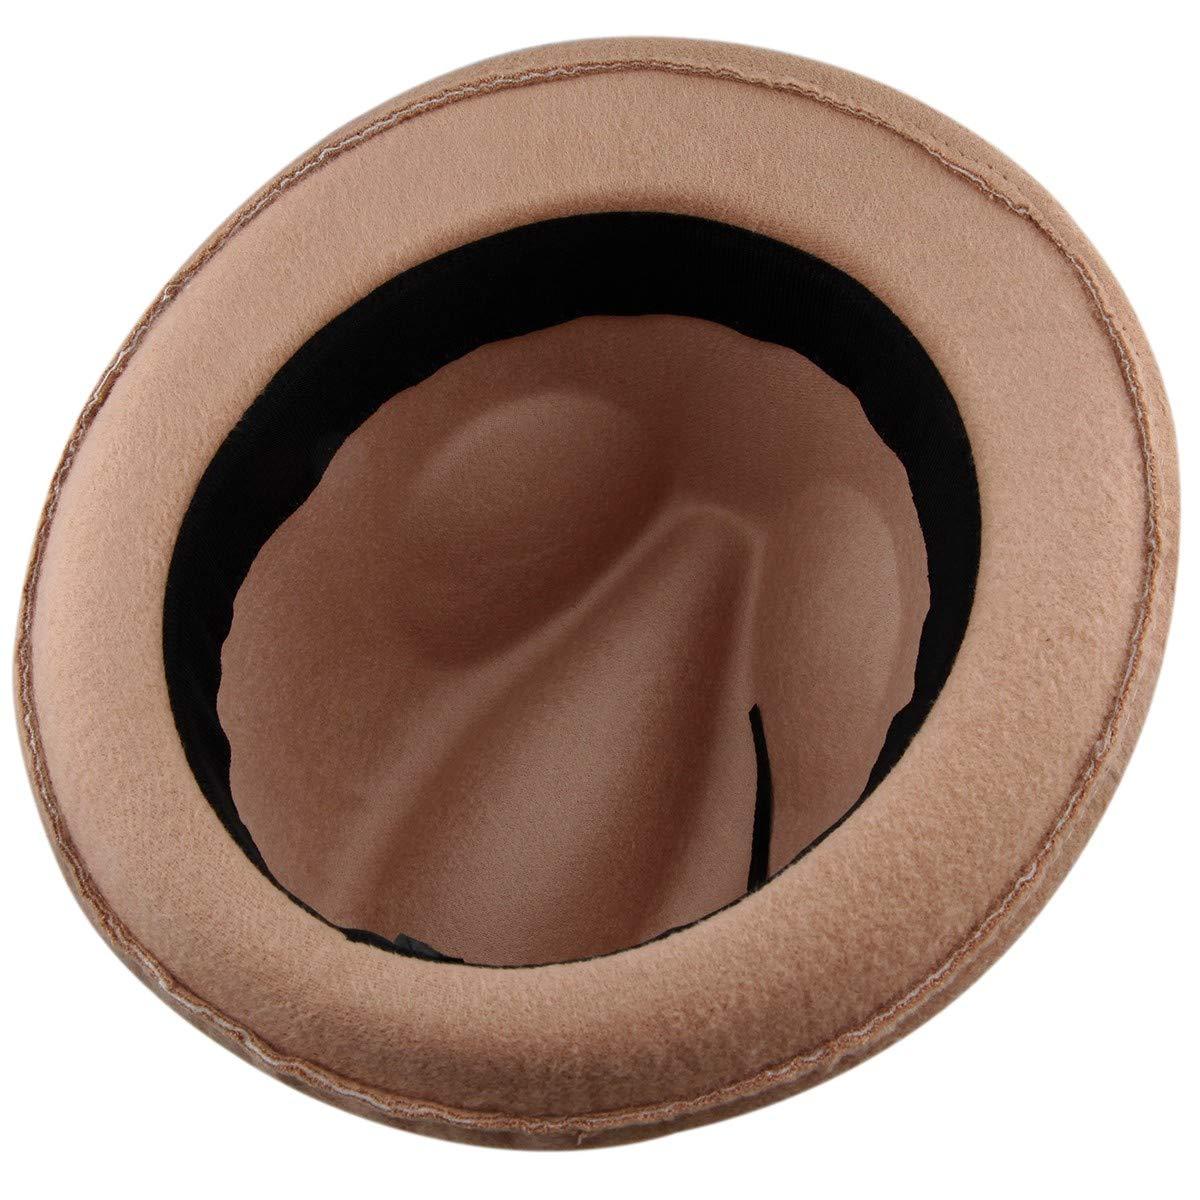 3d15329d5e8a86 Samtree Fedora Hats for Women,Winter Roll-up Brim Trilby Woolen Jazz ...